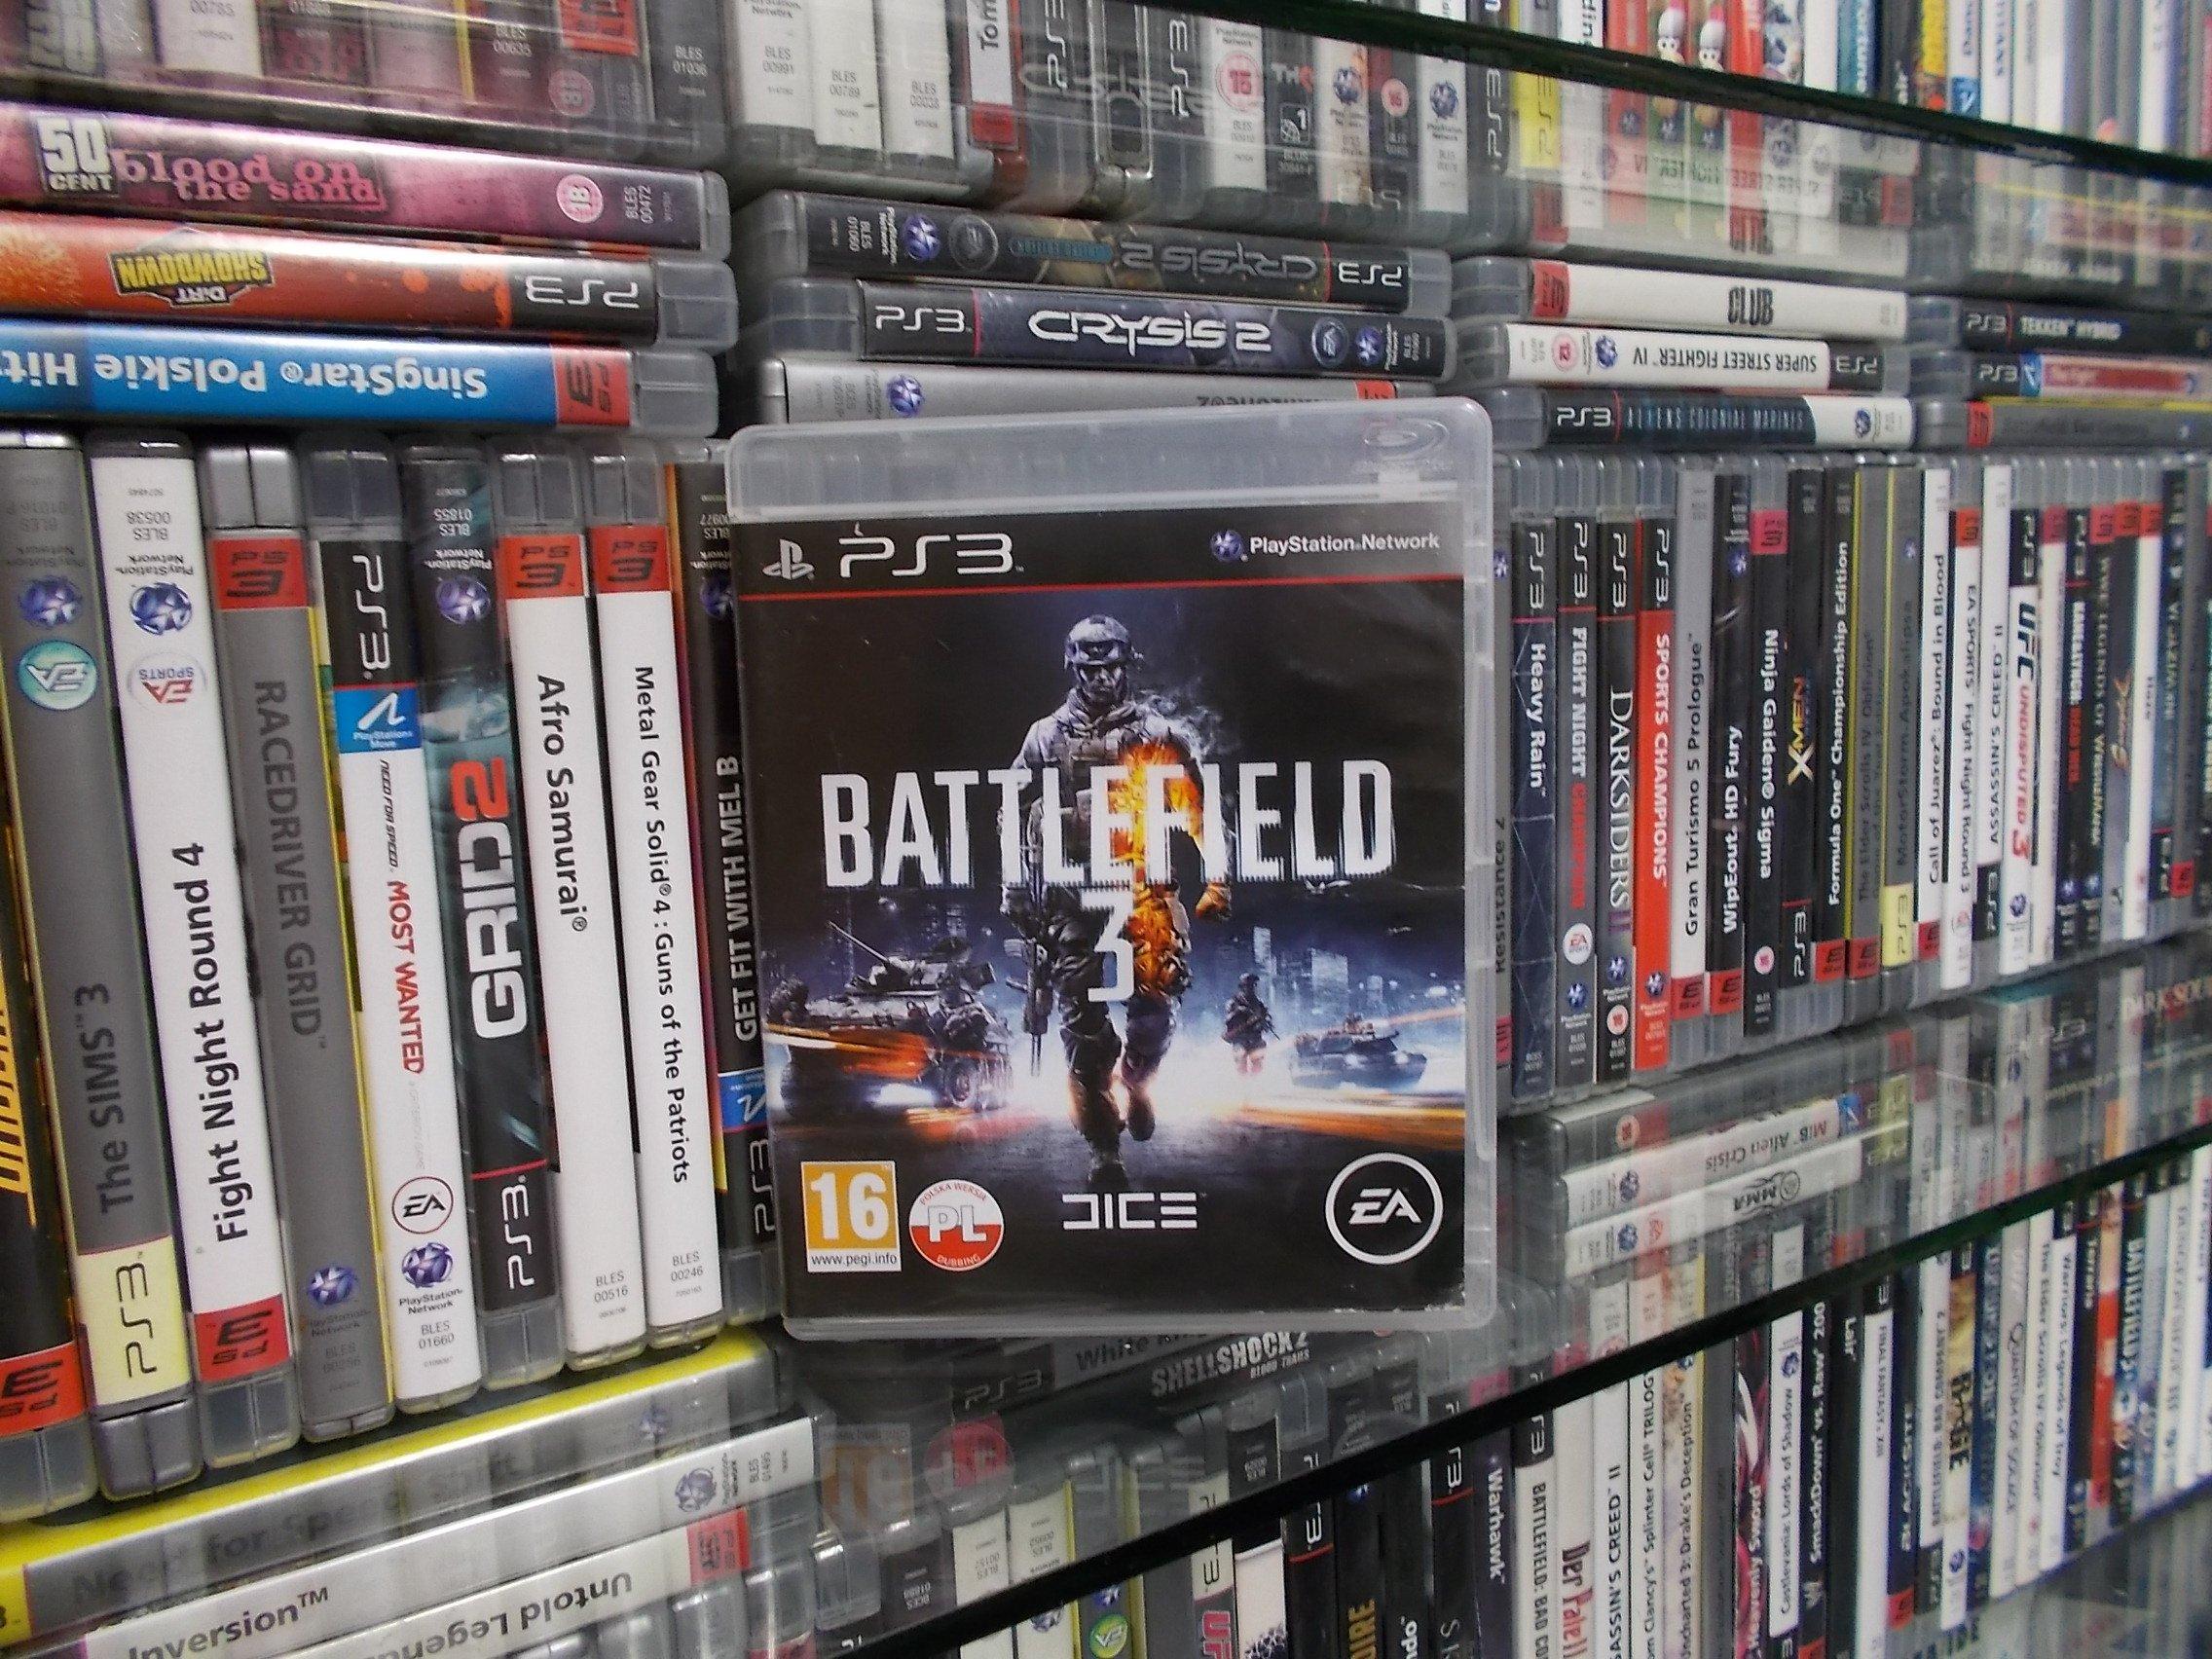 Battlefield 3 PL - GRA PS3 - Opole 0200